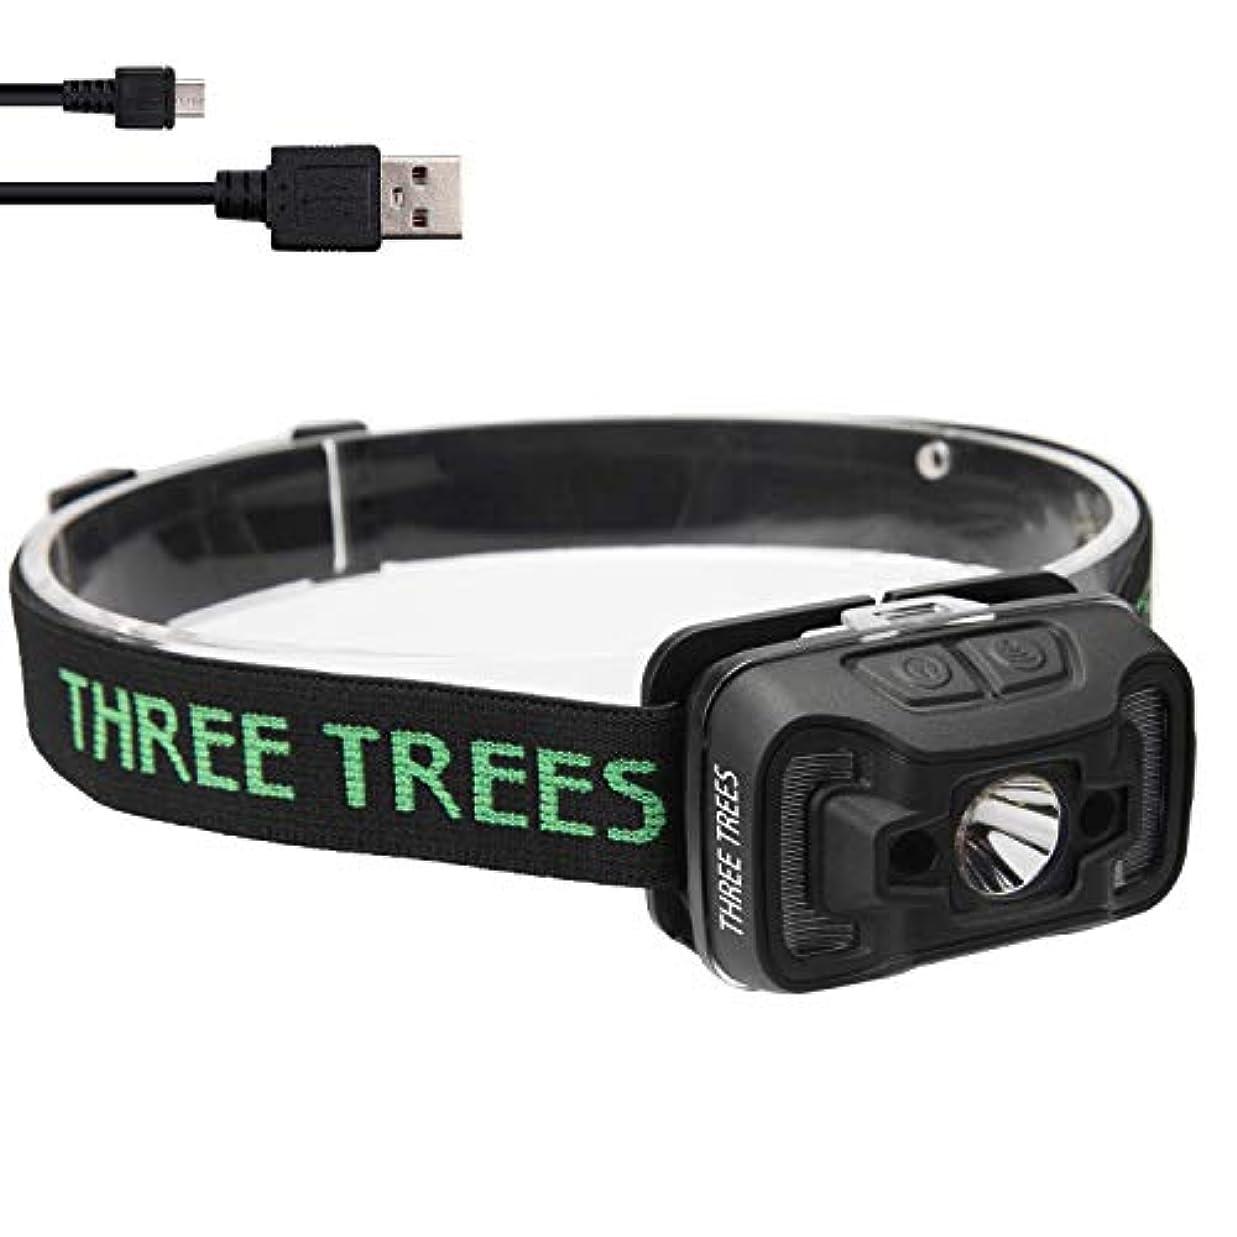 蒸留集まるレガシーThree trees LED 新ヘッドライト センサー機能付き [500ルーメン/IP47防水?防塵] usb充電式 自転車 登山 夜釣り キャンプ停電時用[独占]